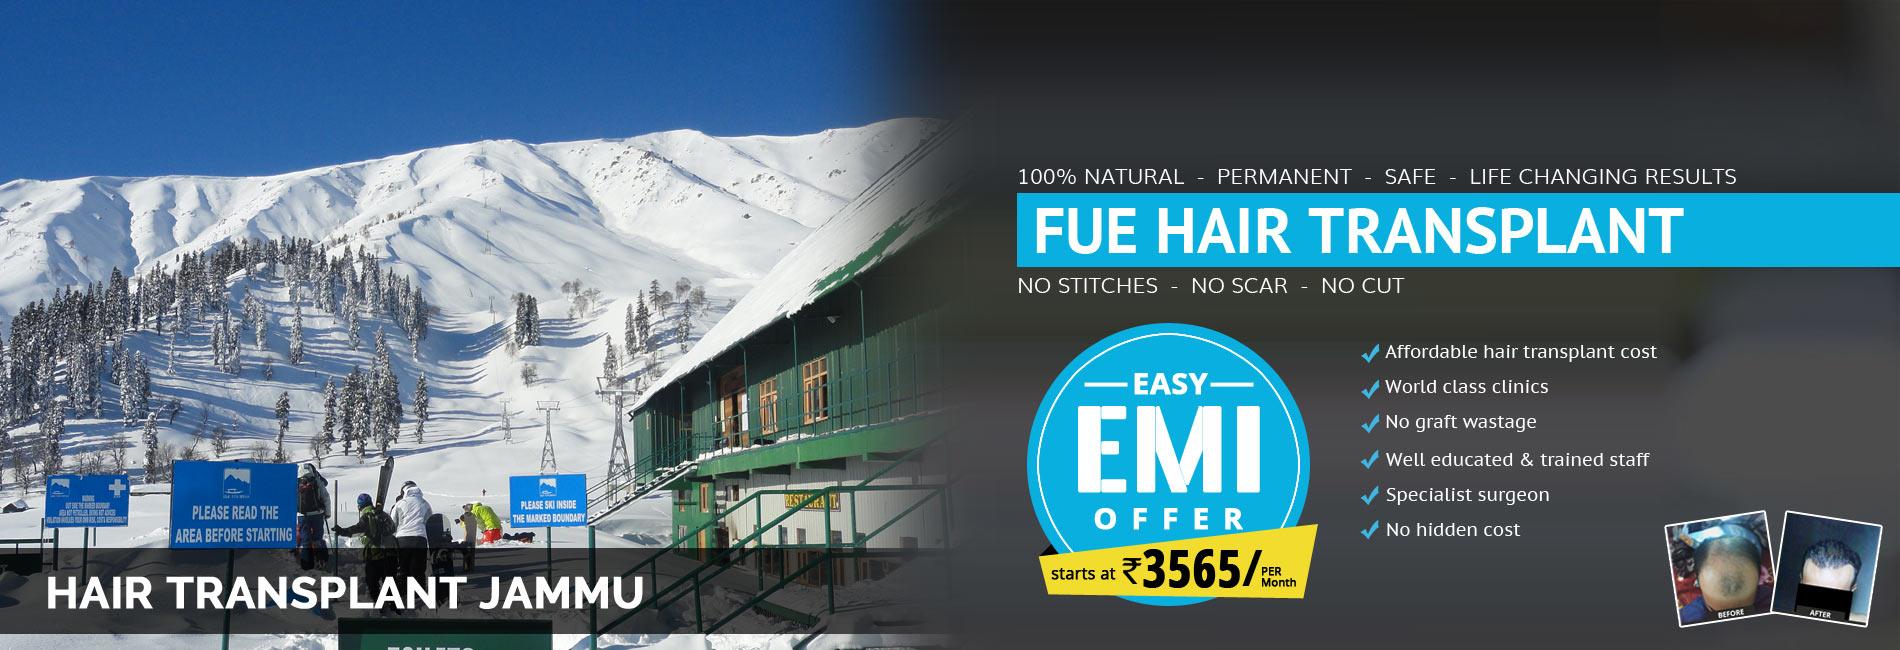 Hair Transplant Jammu